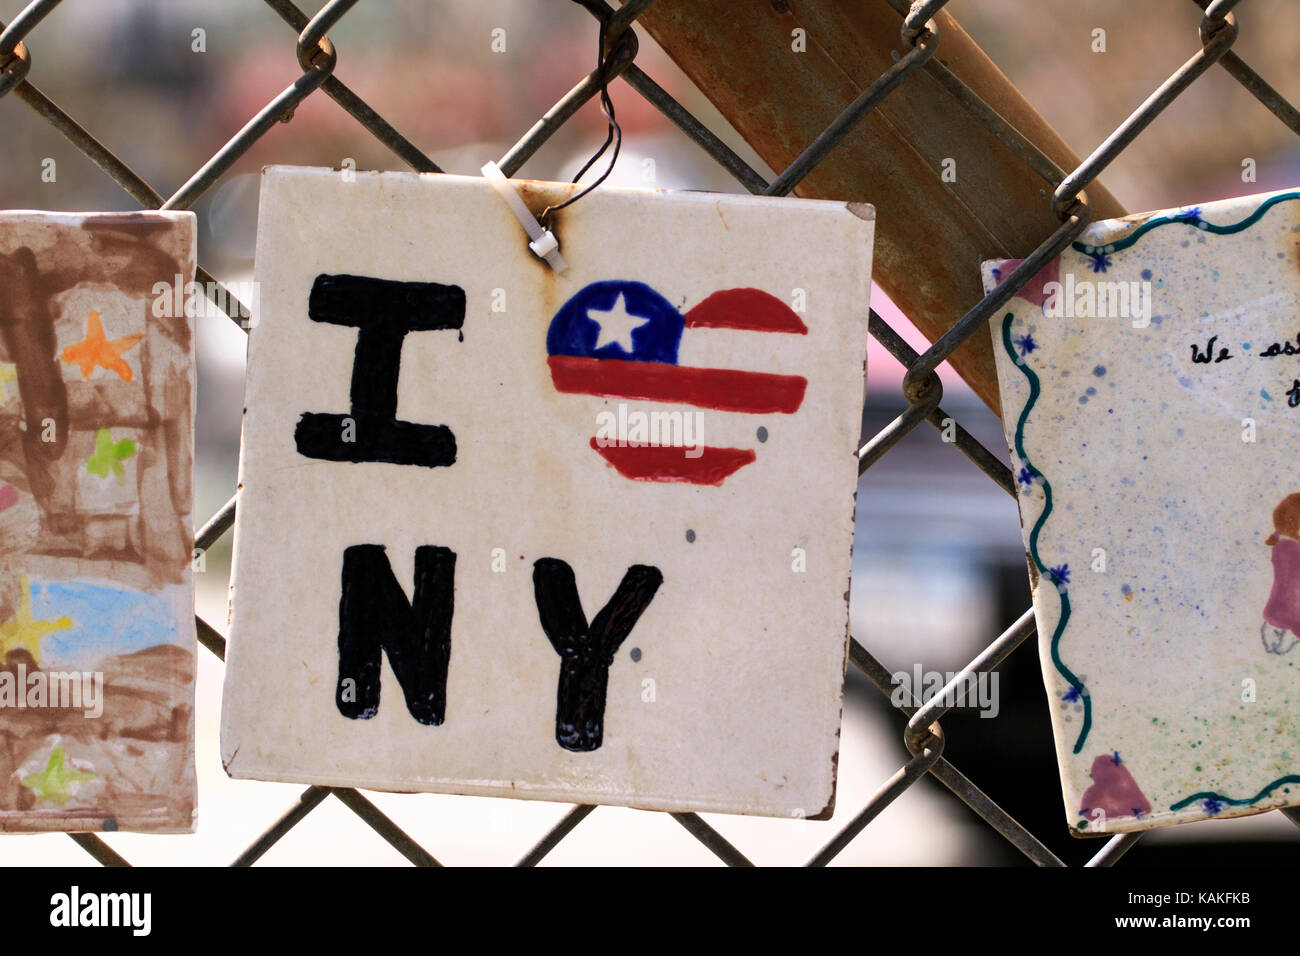 Un dipinto a mano piastrella ceramica con io amo new york city scritto su  di esso d6650f11dc03